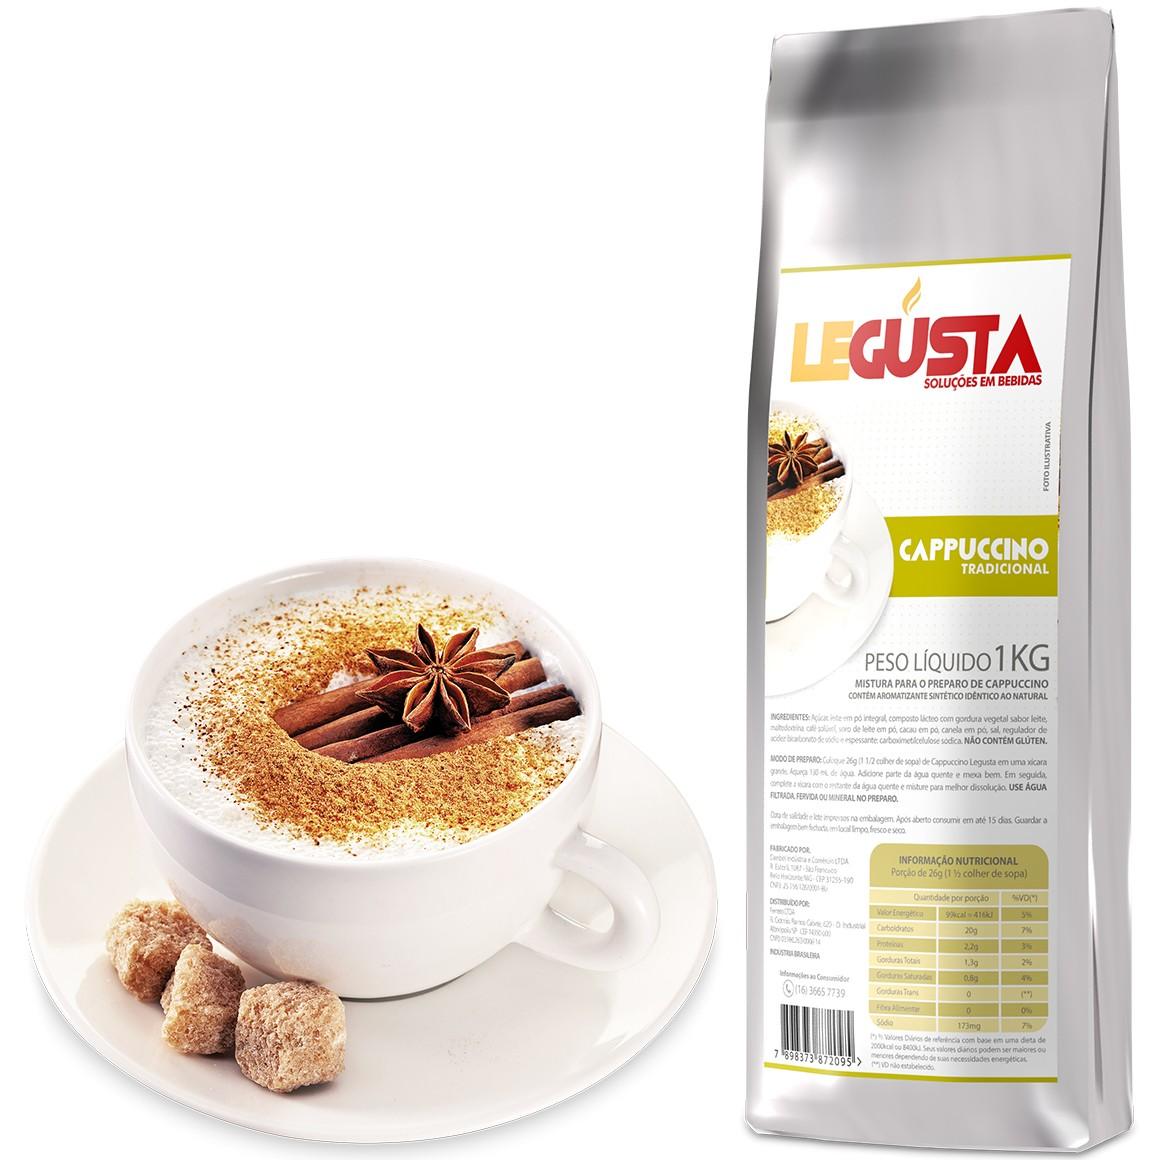 Cappuccino Solúvel Legusta 1kg